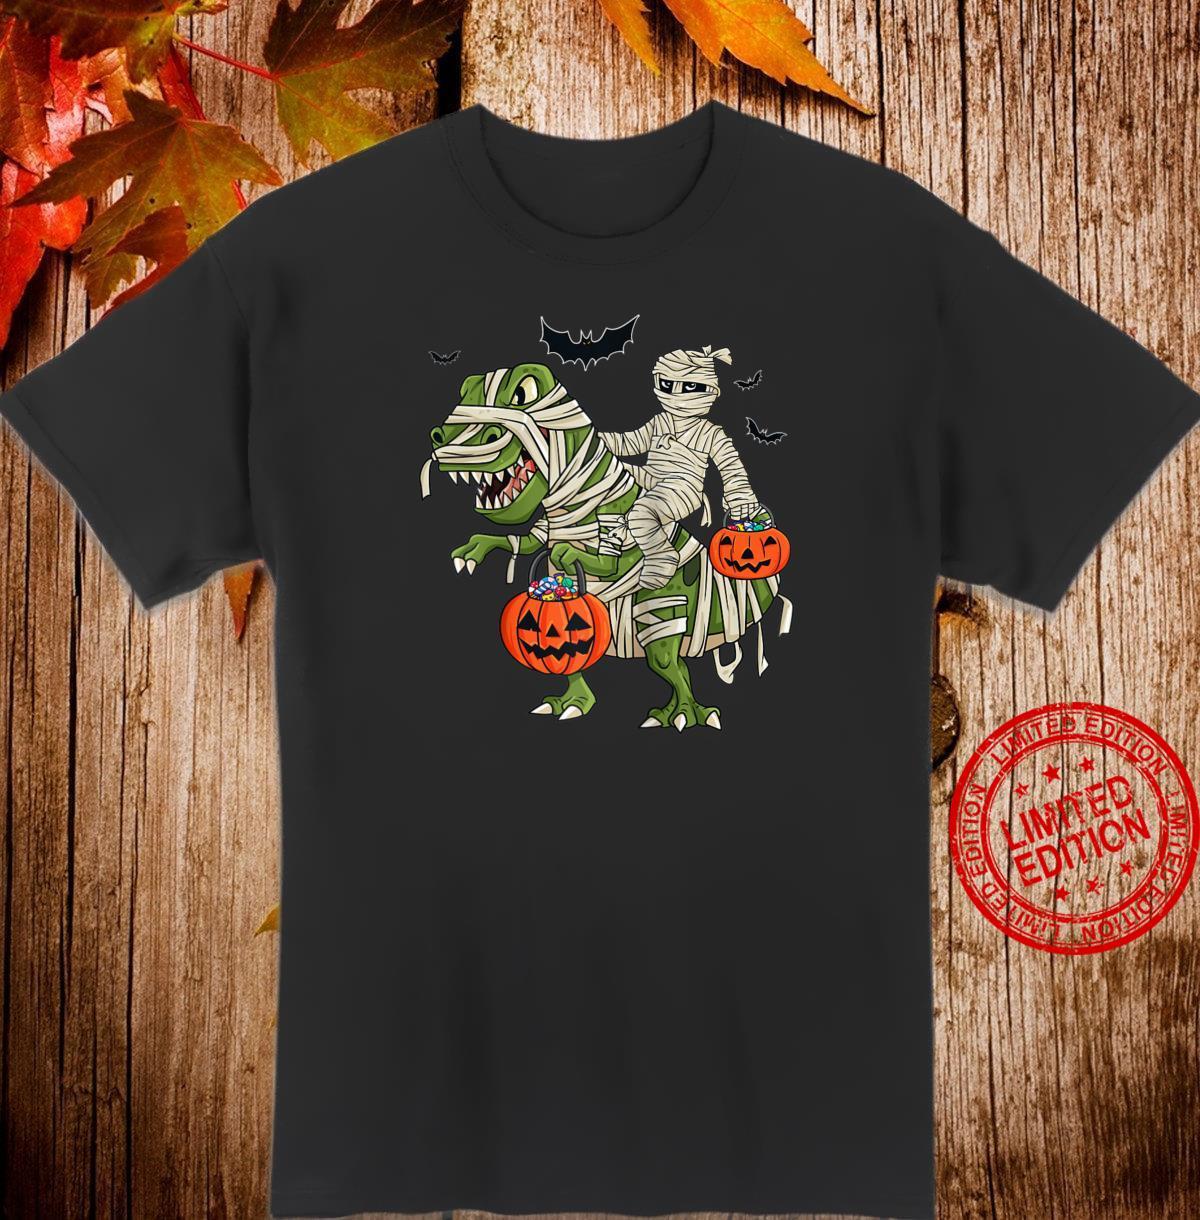 Halloween Mummy Riding T Rex Shirt